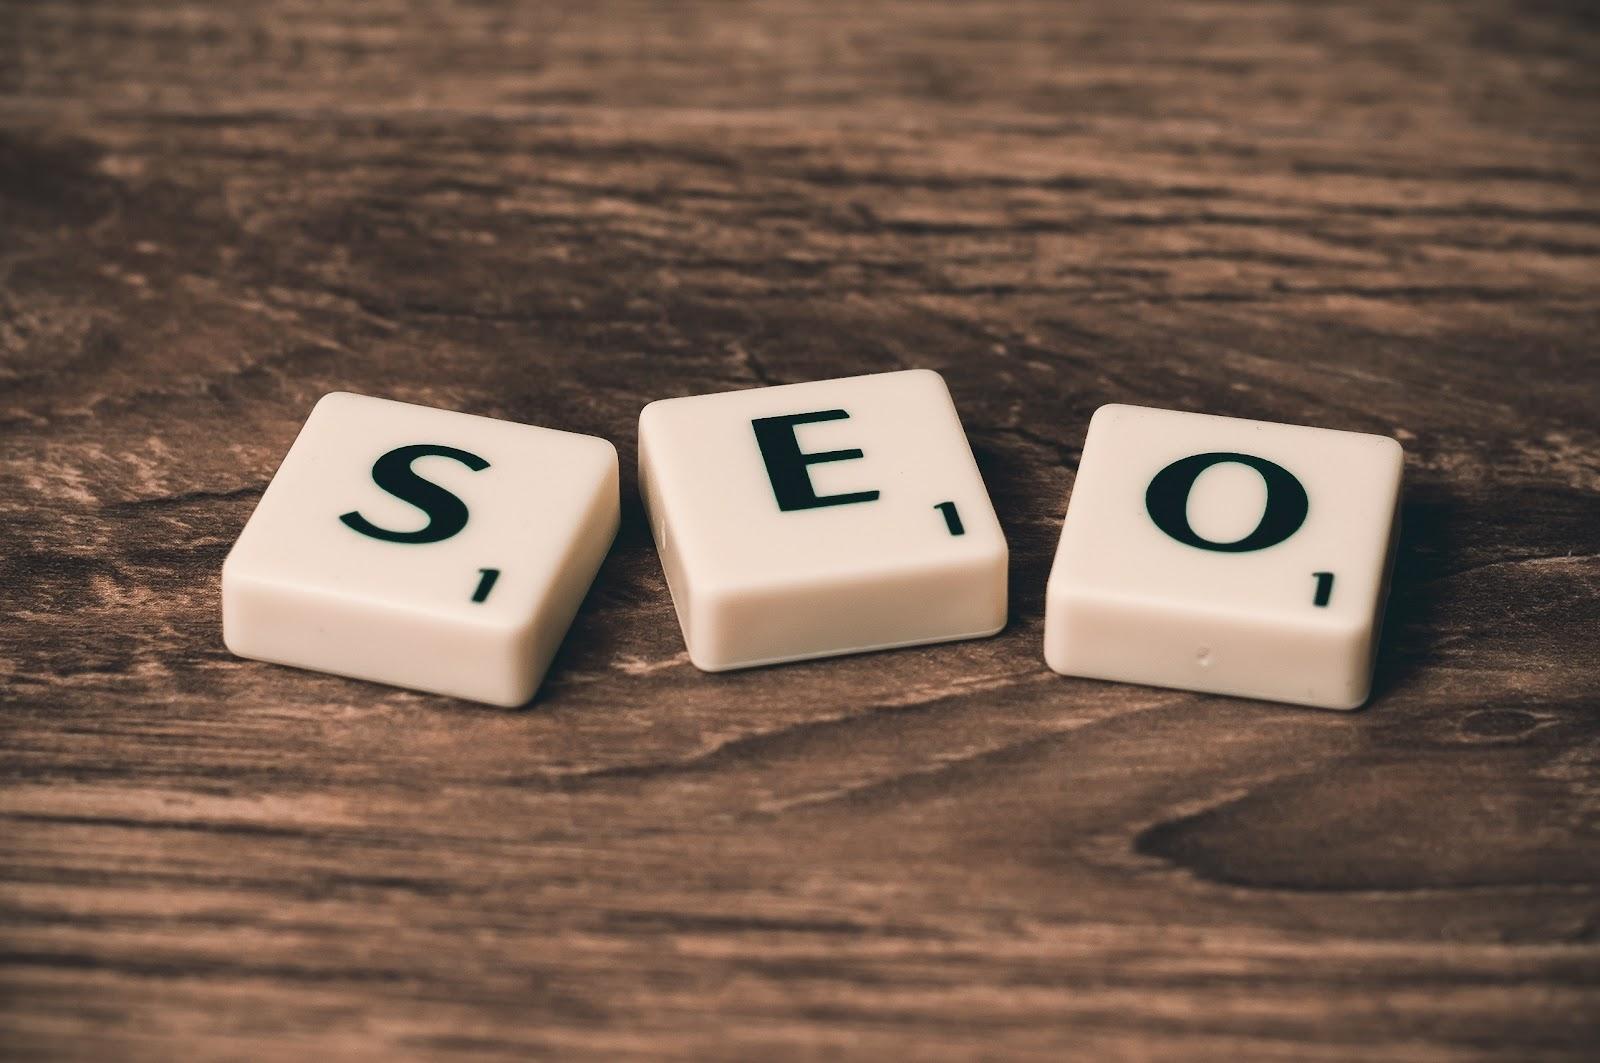 seo mecanismo de busca marketing digital